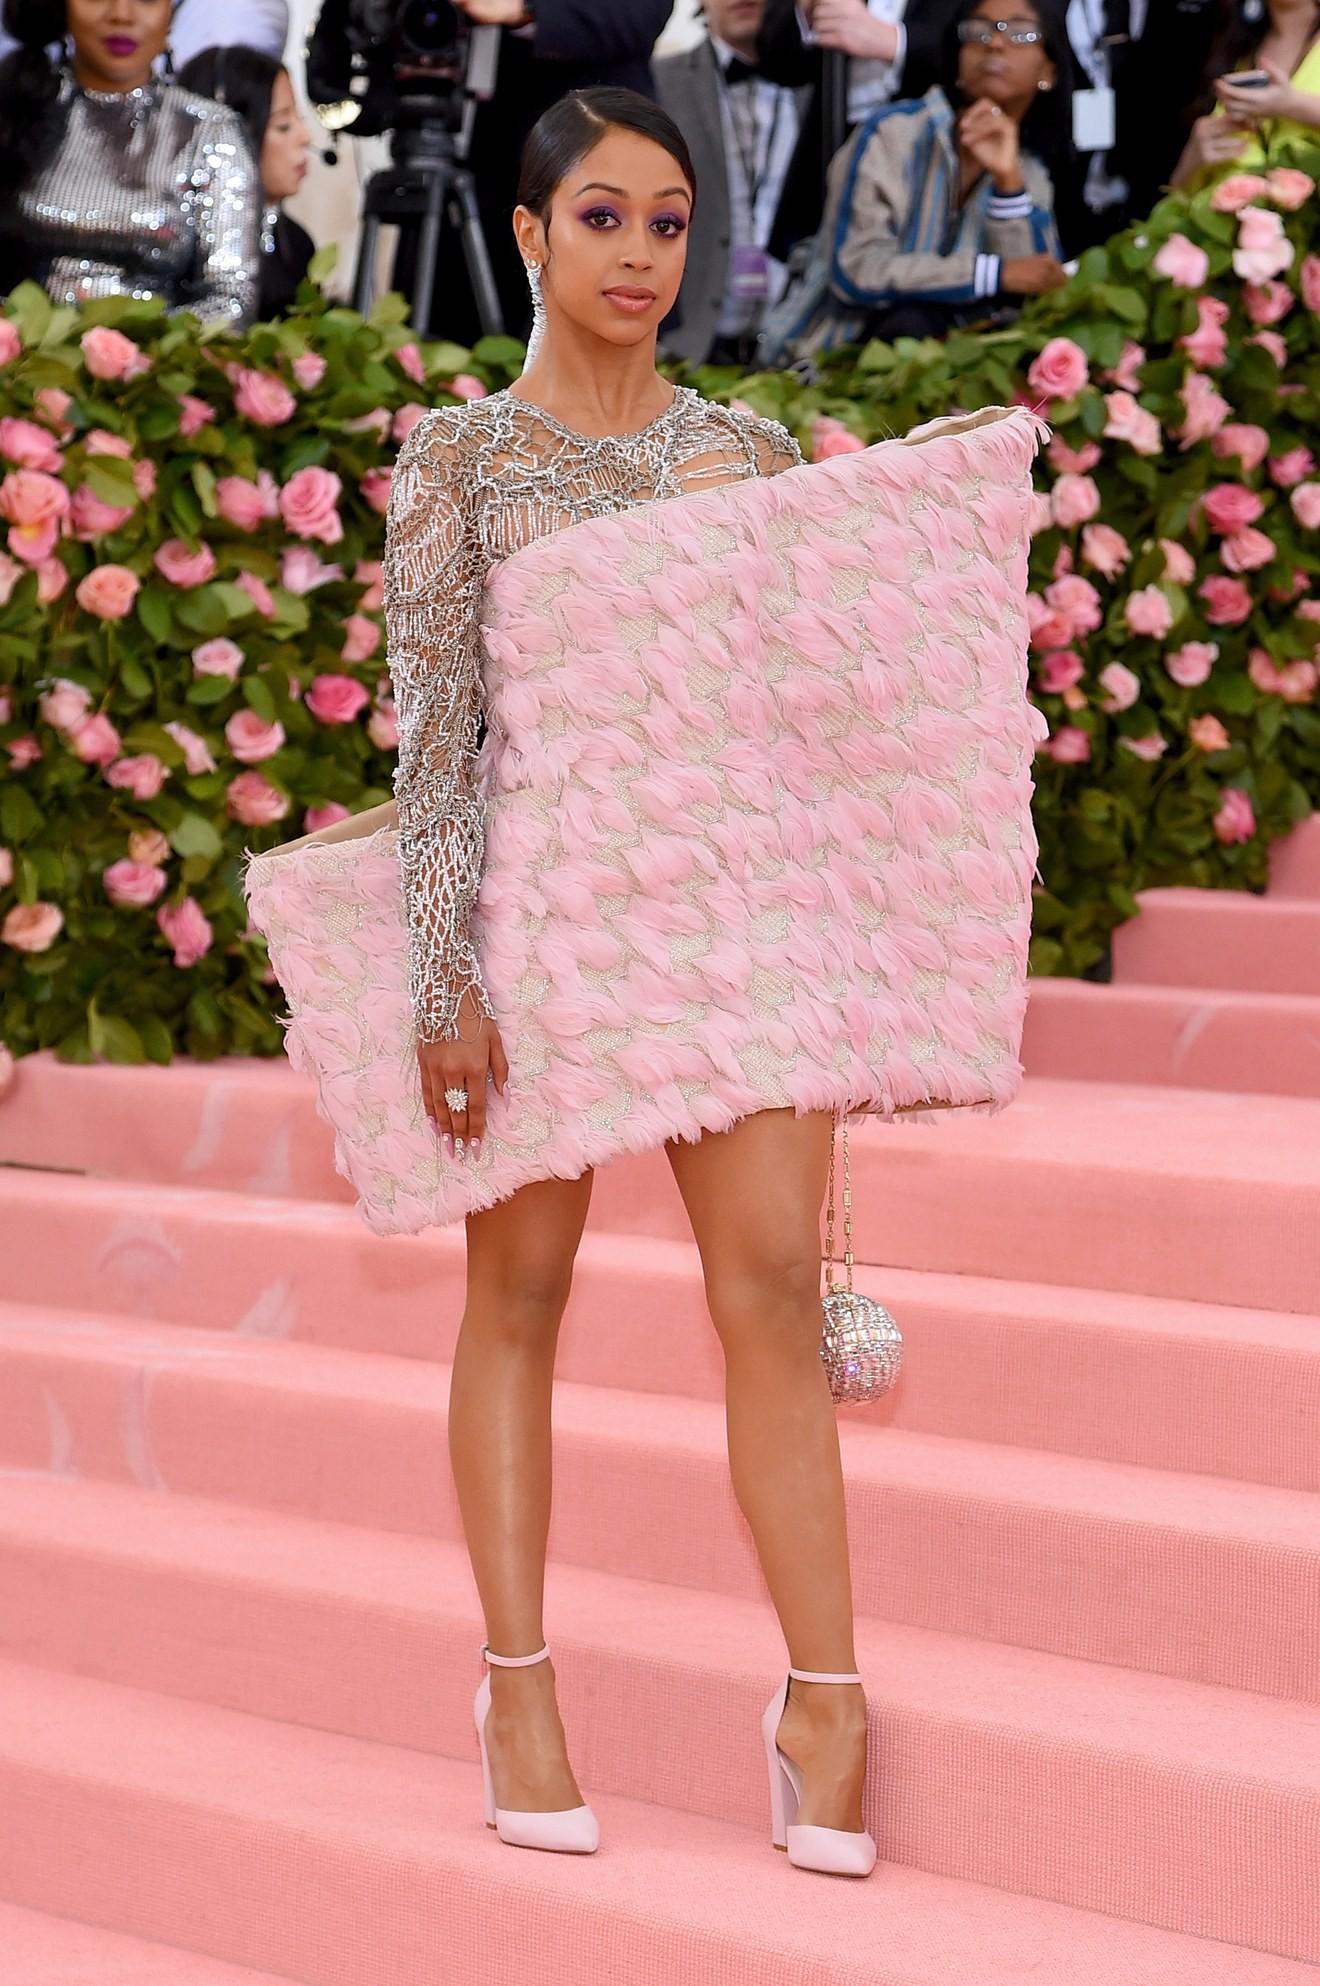 Met Gala 2019: Khó ai hơn được Lady Gaga với bộ váy biến hình 4 lần, nhưng chặt chém không kém là nam nhân dát vàng nằm kiệu - Ảnh 16.